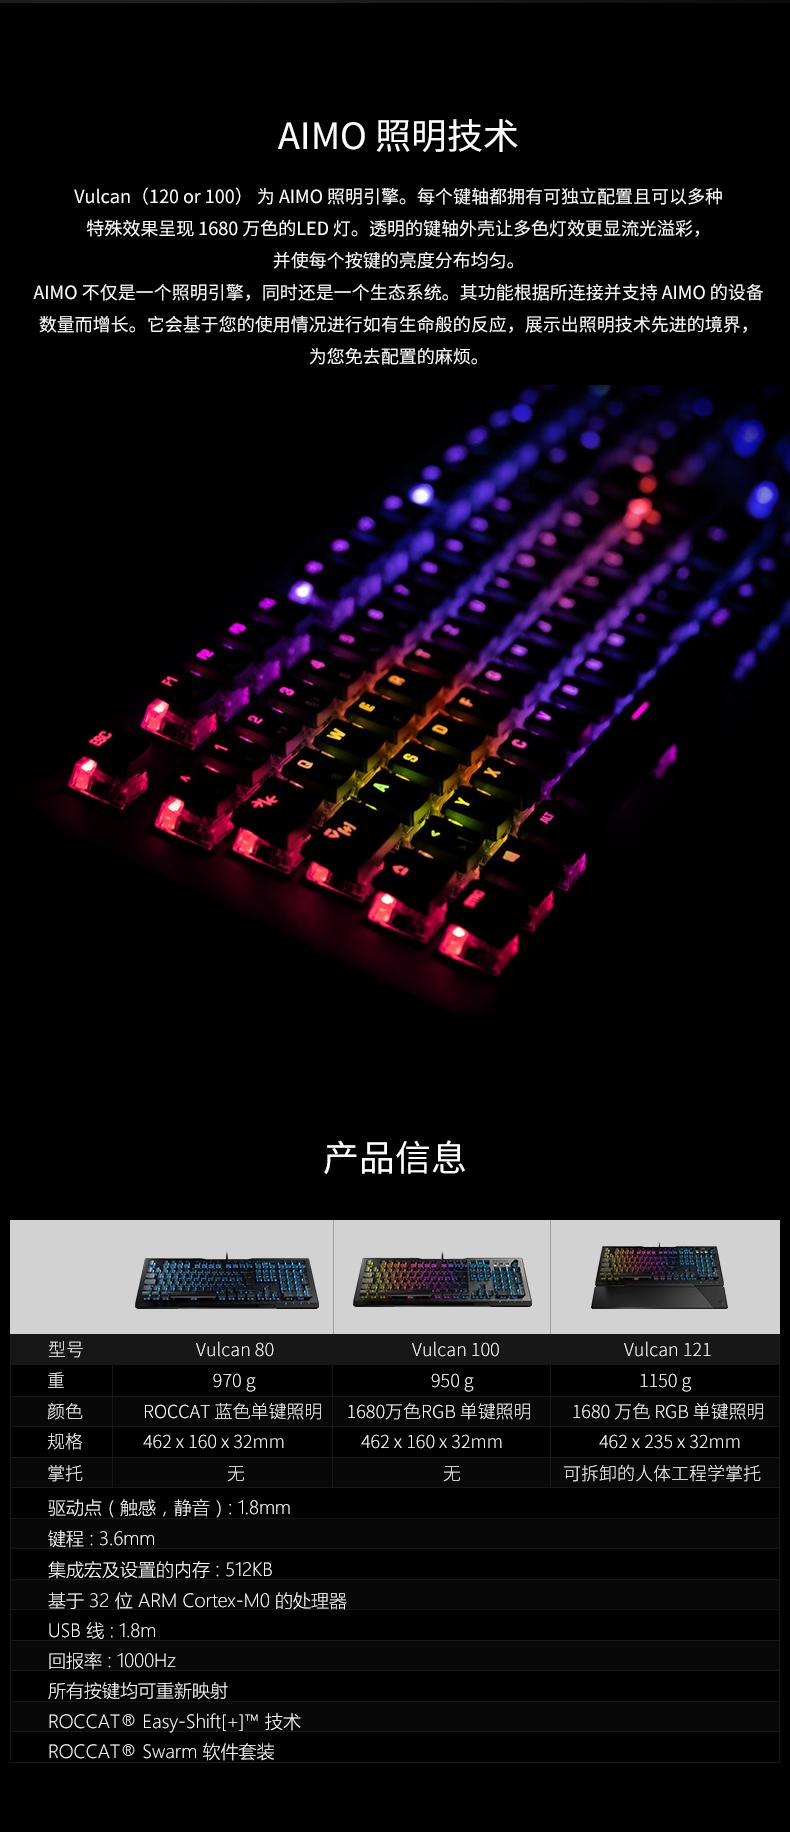 键盘瓦肯-Vulcan-121_08